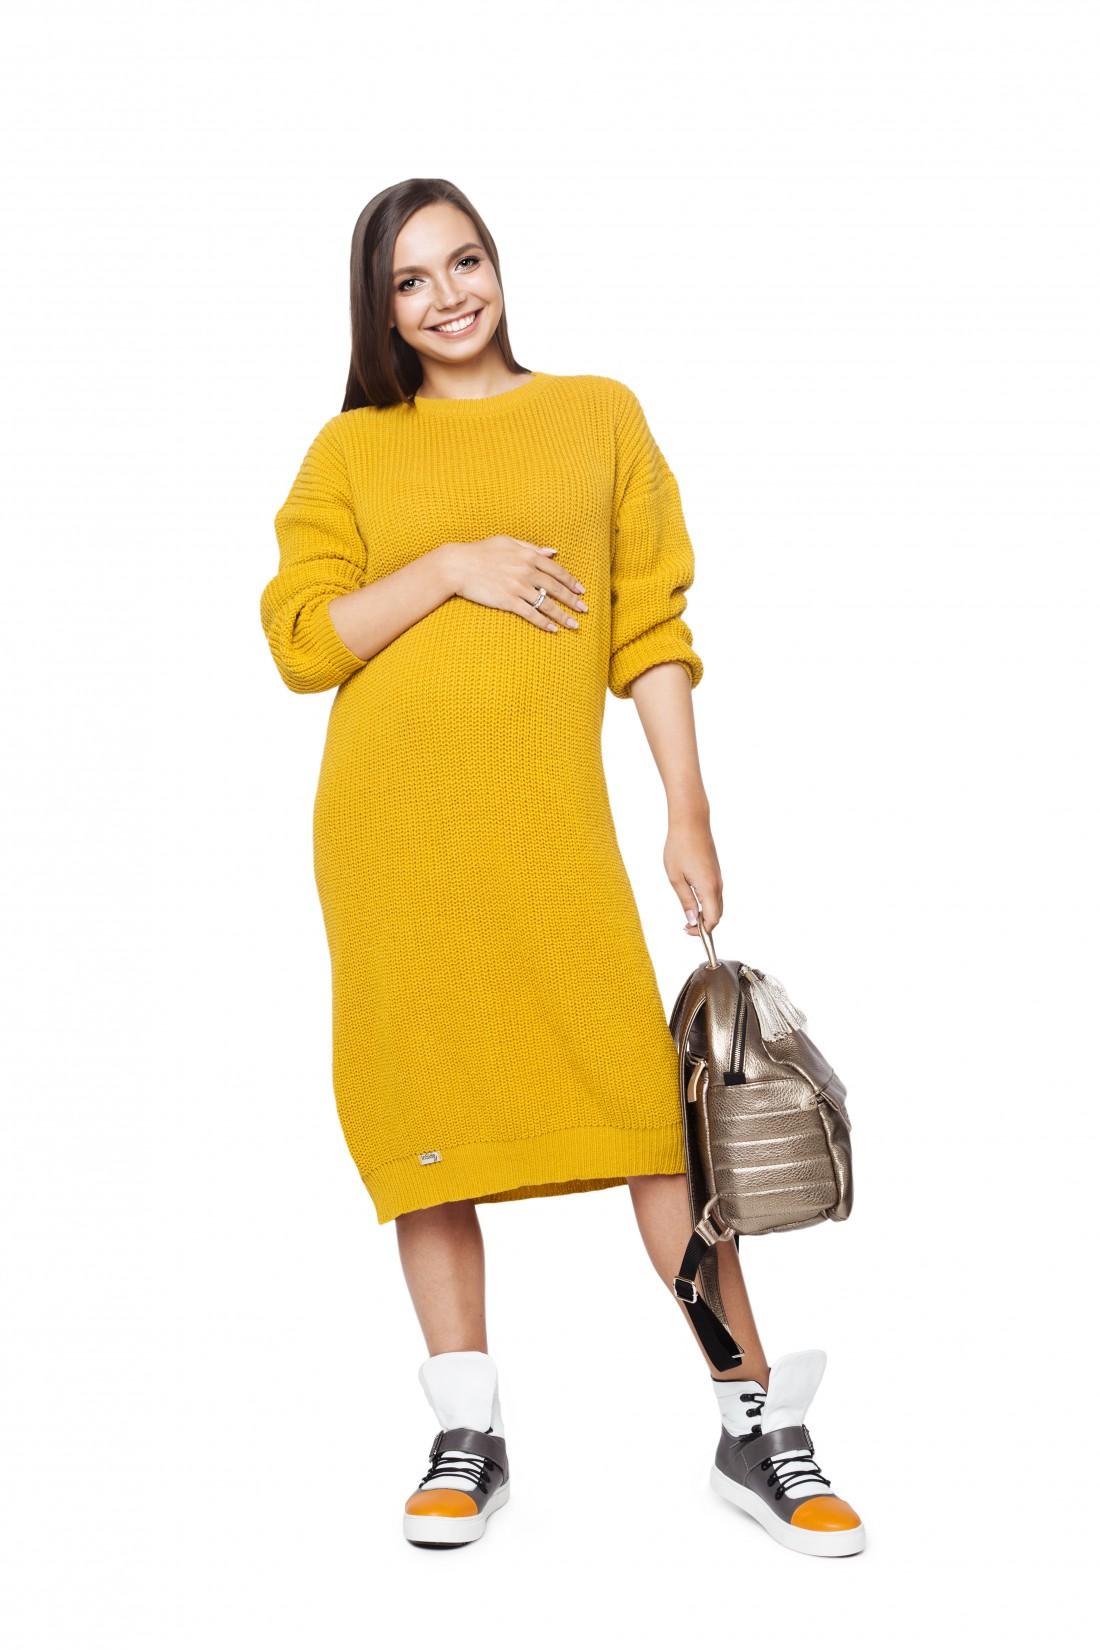 Базовый гардероб для беременной: платье